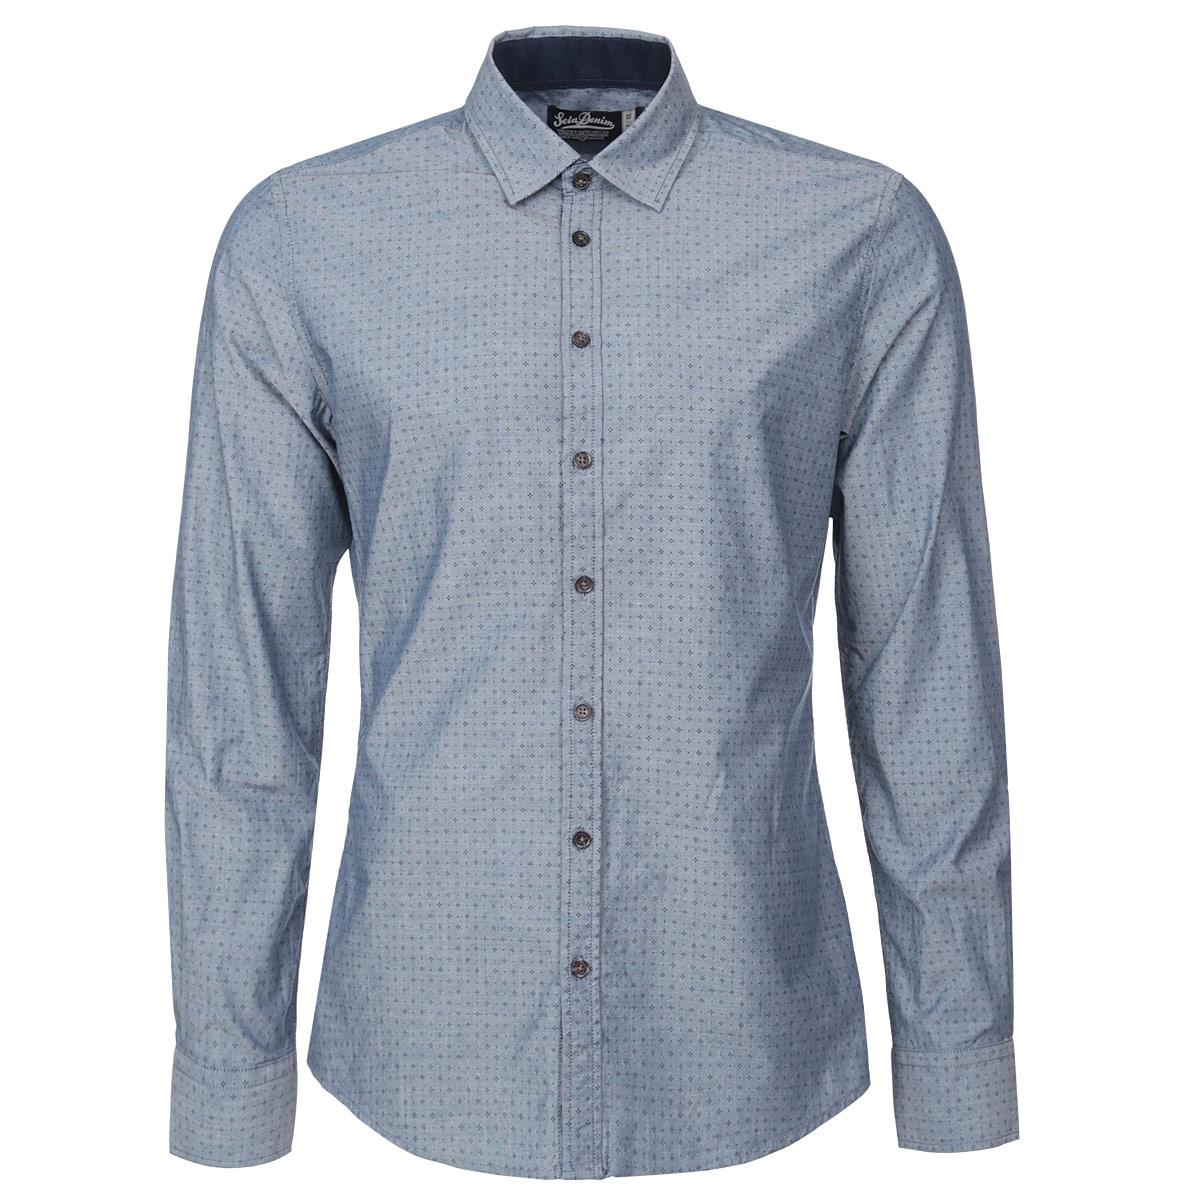 Рубашка мужская. H-212/220-5311H-212/220-5311Модная мужская рубашка Sela займет достойное место в вашем гардеробе. Модель выполнена из натурального хлопка, необычайно мягкого и приятного на ощупь, не сковывает движения и позволяет коже дышать. Рубашка прямого кроя, с отложным воротником, длинными рукавами и полукруглым низом застегивается на пуговицы по всей длине изделия. Модель оформлена стильным орнаментом. Широкие манжеты также застегиваются на пуговицы. В такой рубашке вам будет комфортно и уютно. Отличный выбор на каждый день!